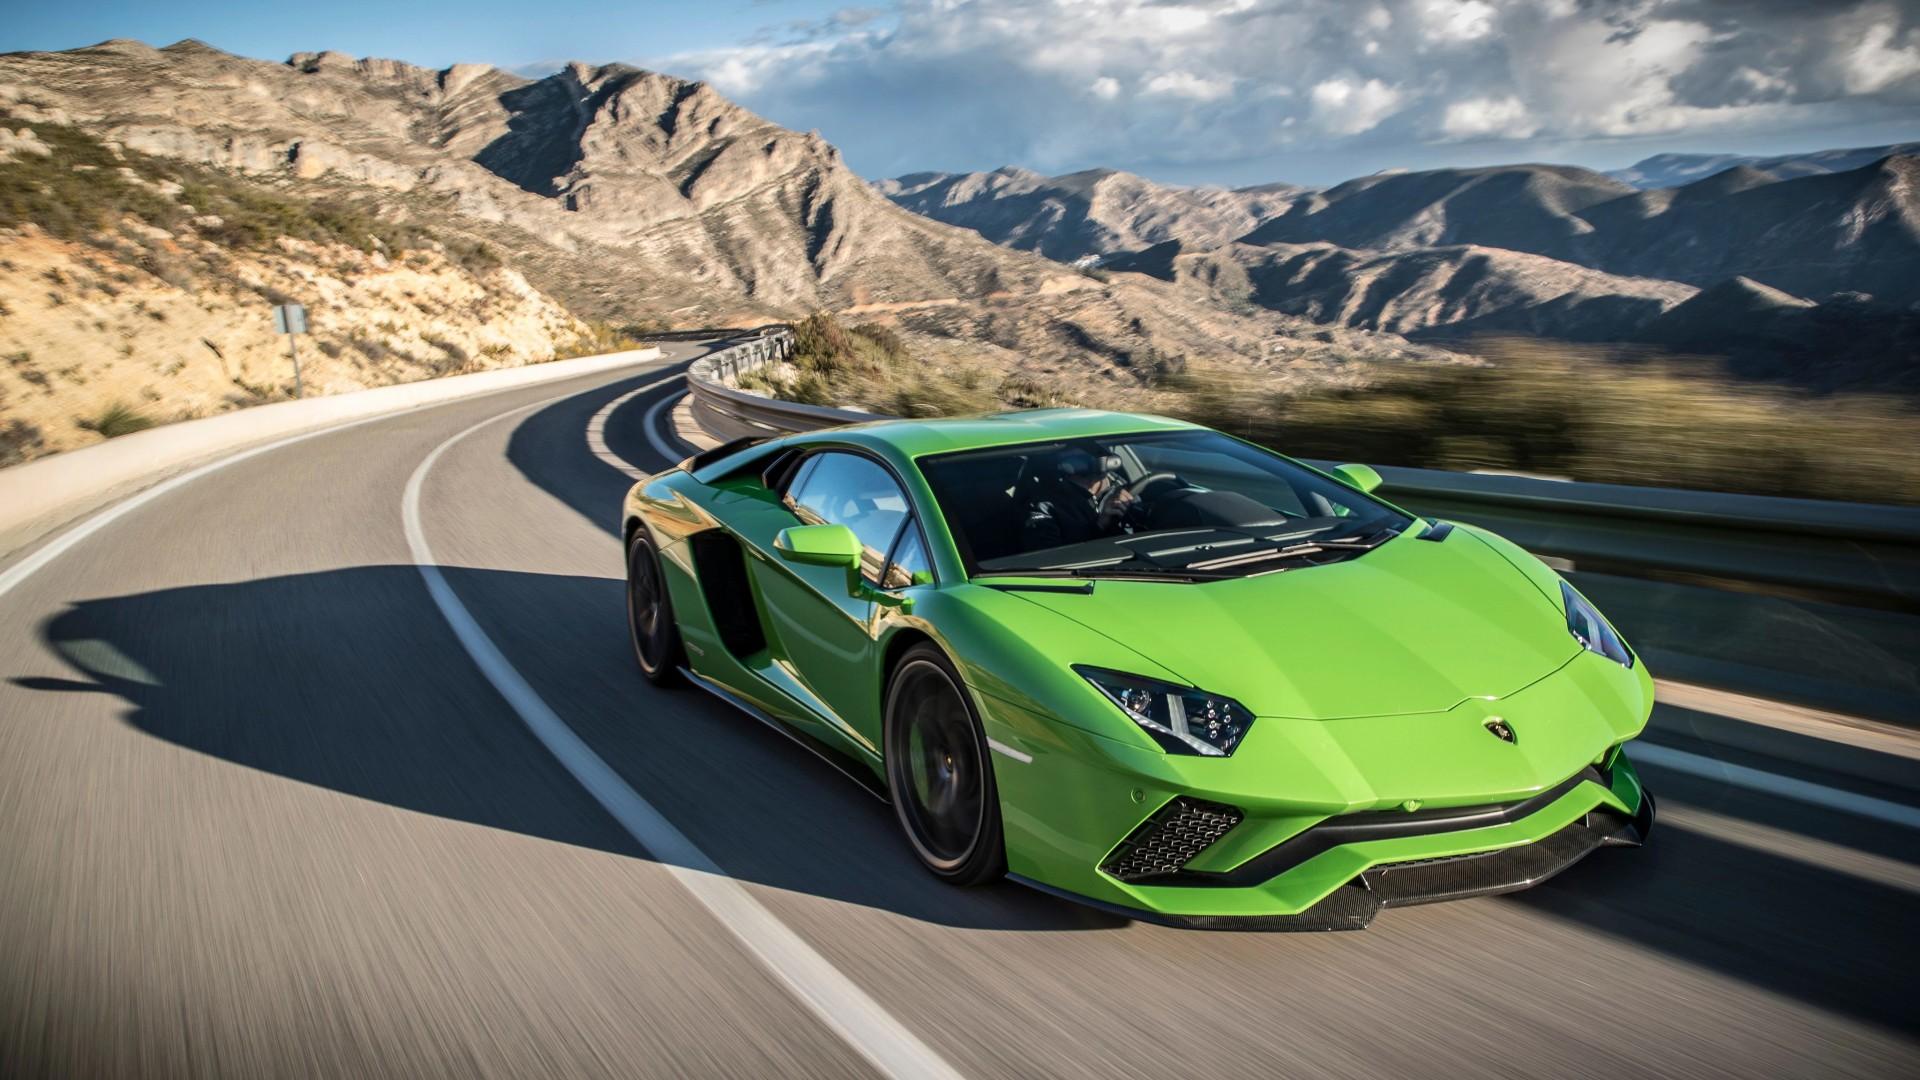 4k Lamborghini Aventador Lamborghini Sports Car Wallpaper: Lamborghini Aventador S 2017 4K Wallpaper